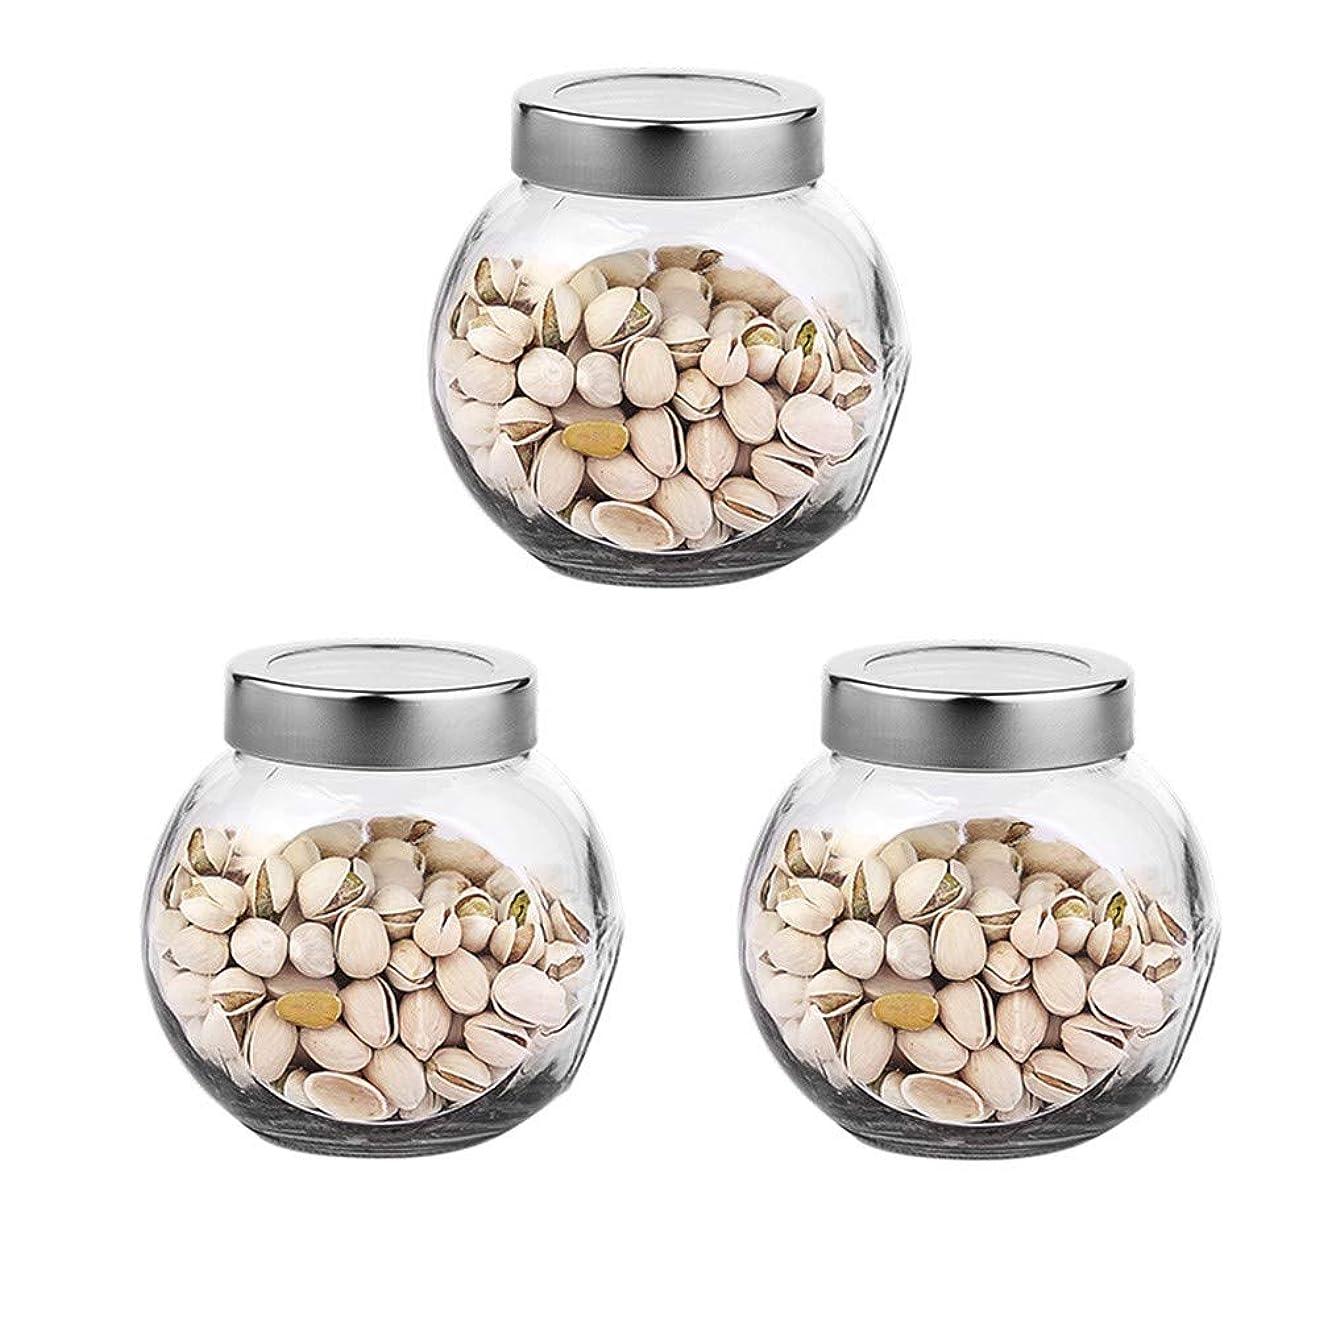 ゴミ箱使用法レッドデート3つの透明ガラス貯蔵容器茶/季節密封缶の貯蔵瓶パック(650 ml)